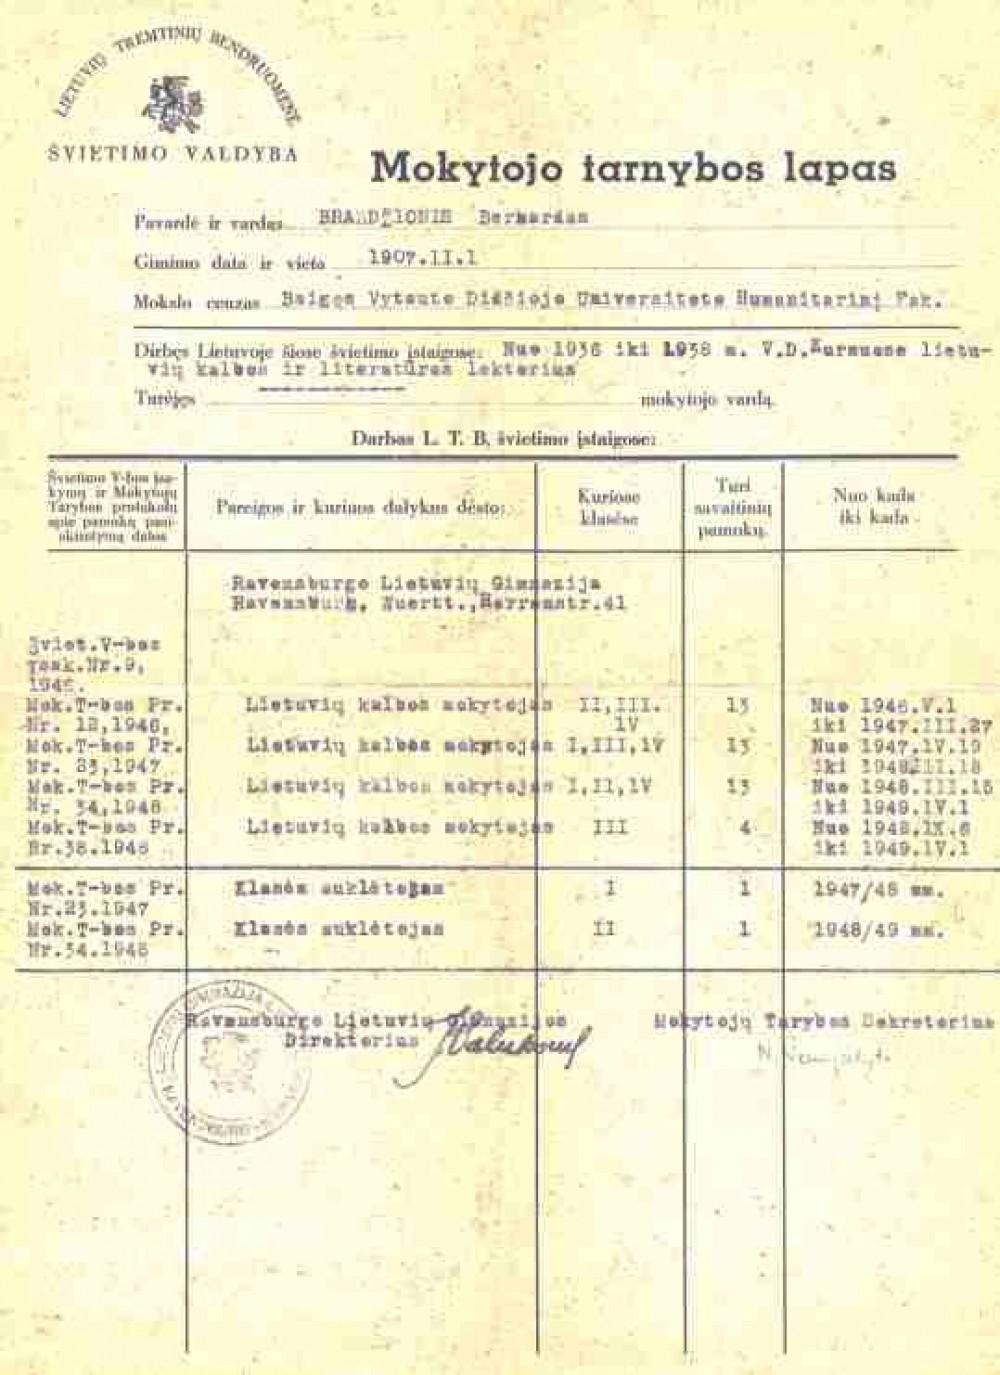 Ravensburgo lietuvių gimnazijos mokytojo Bern. Brazdžionio tarnybos lapas, išduotas 1949 m.